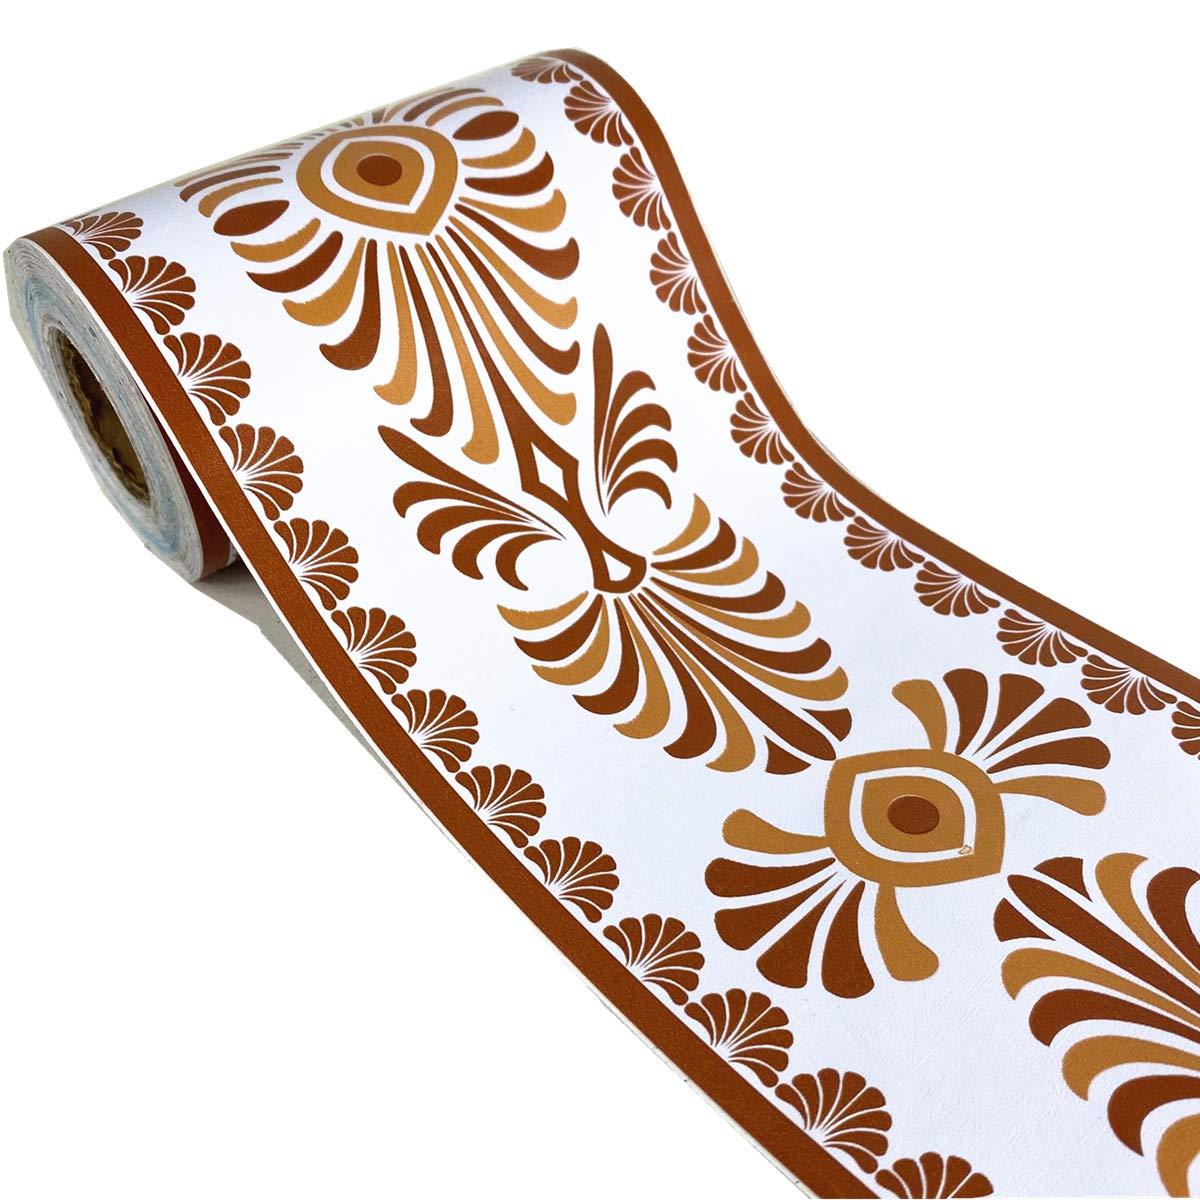 cocina 4 pulgadas x 32.8 pies ba/ño multicolor Adhesivo de papel pintado con dise/ño floral para decoraci/ón del hogar